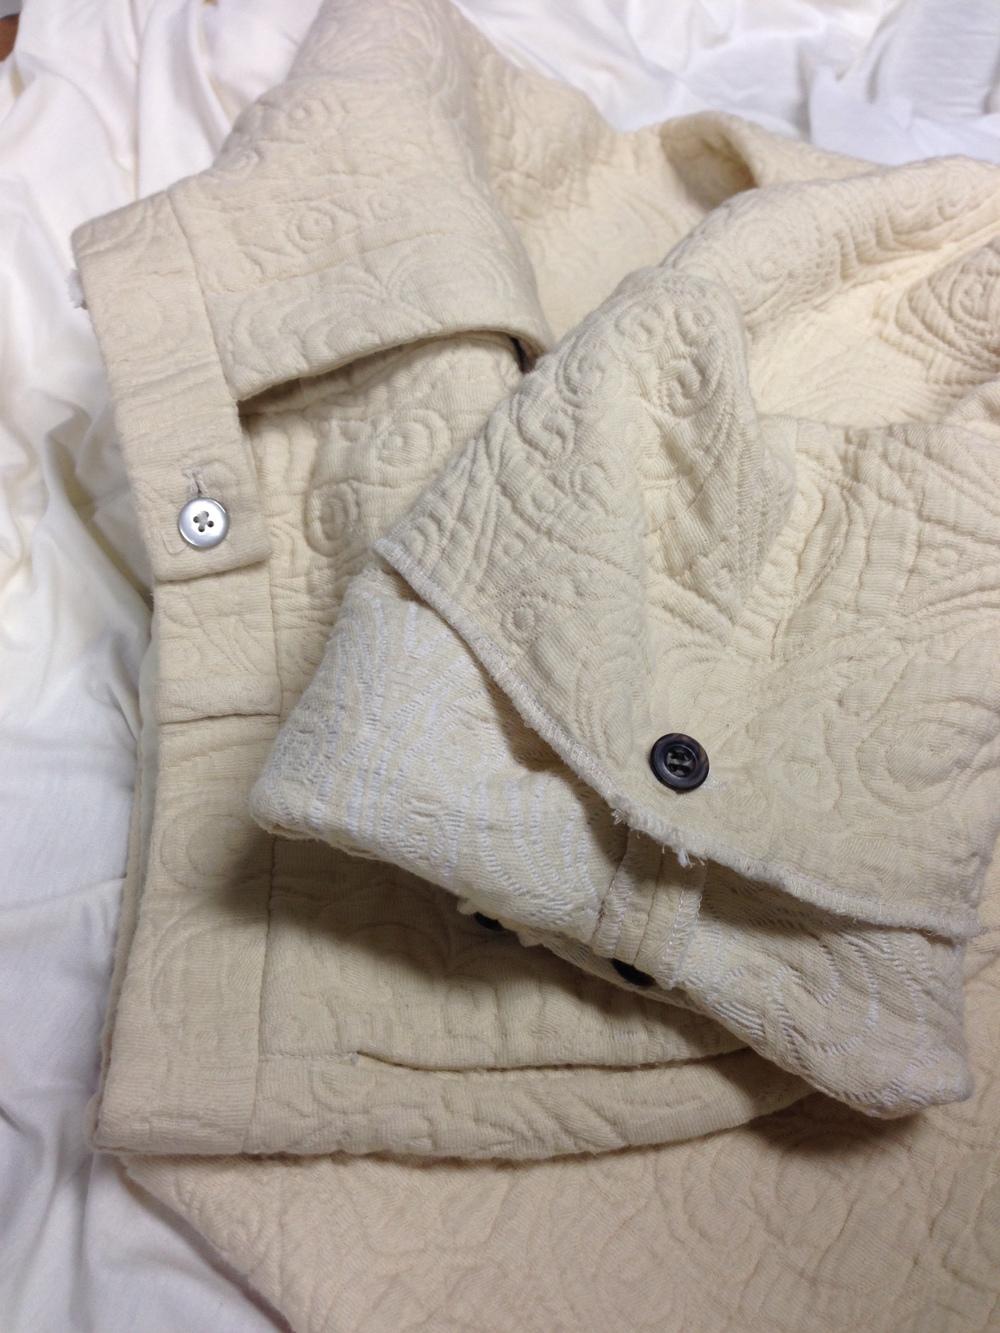 Hidden Adjustable Inseam - Pants